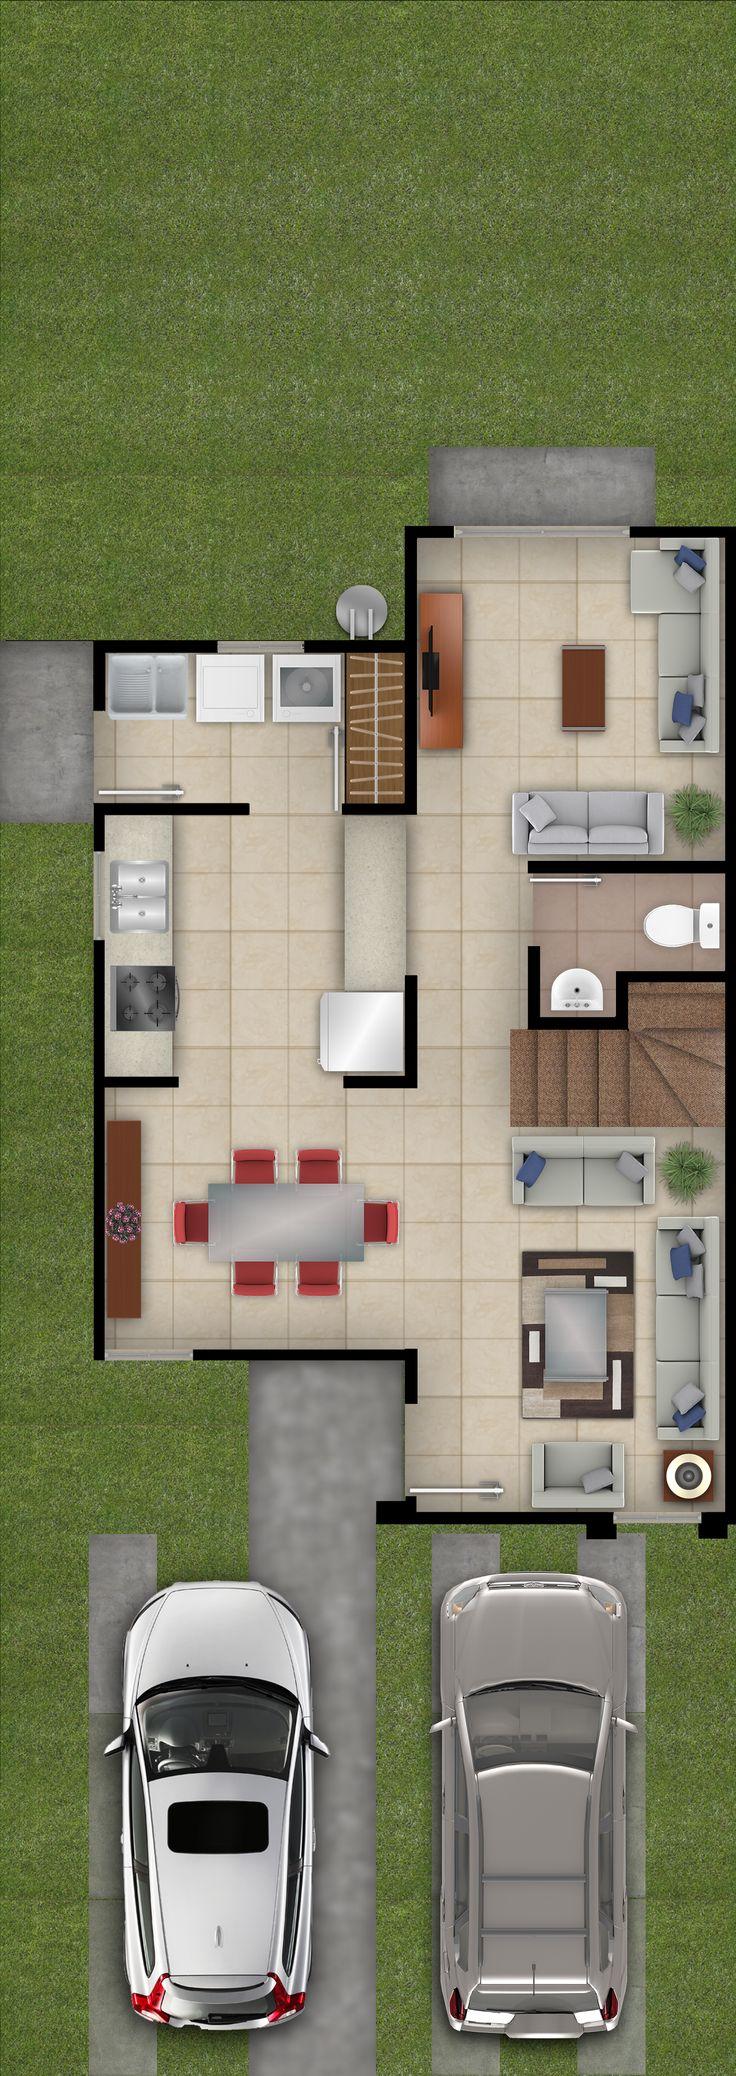 Las 25 mejores ideas sobre planos de los apartamentos en - Modelo de casas de una planta ...